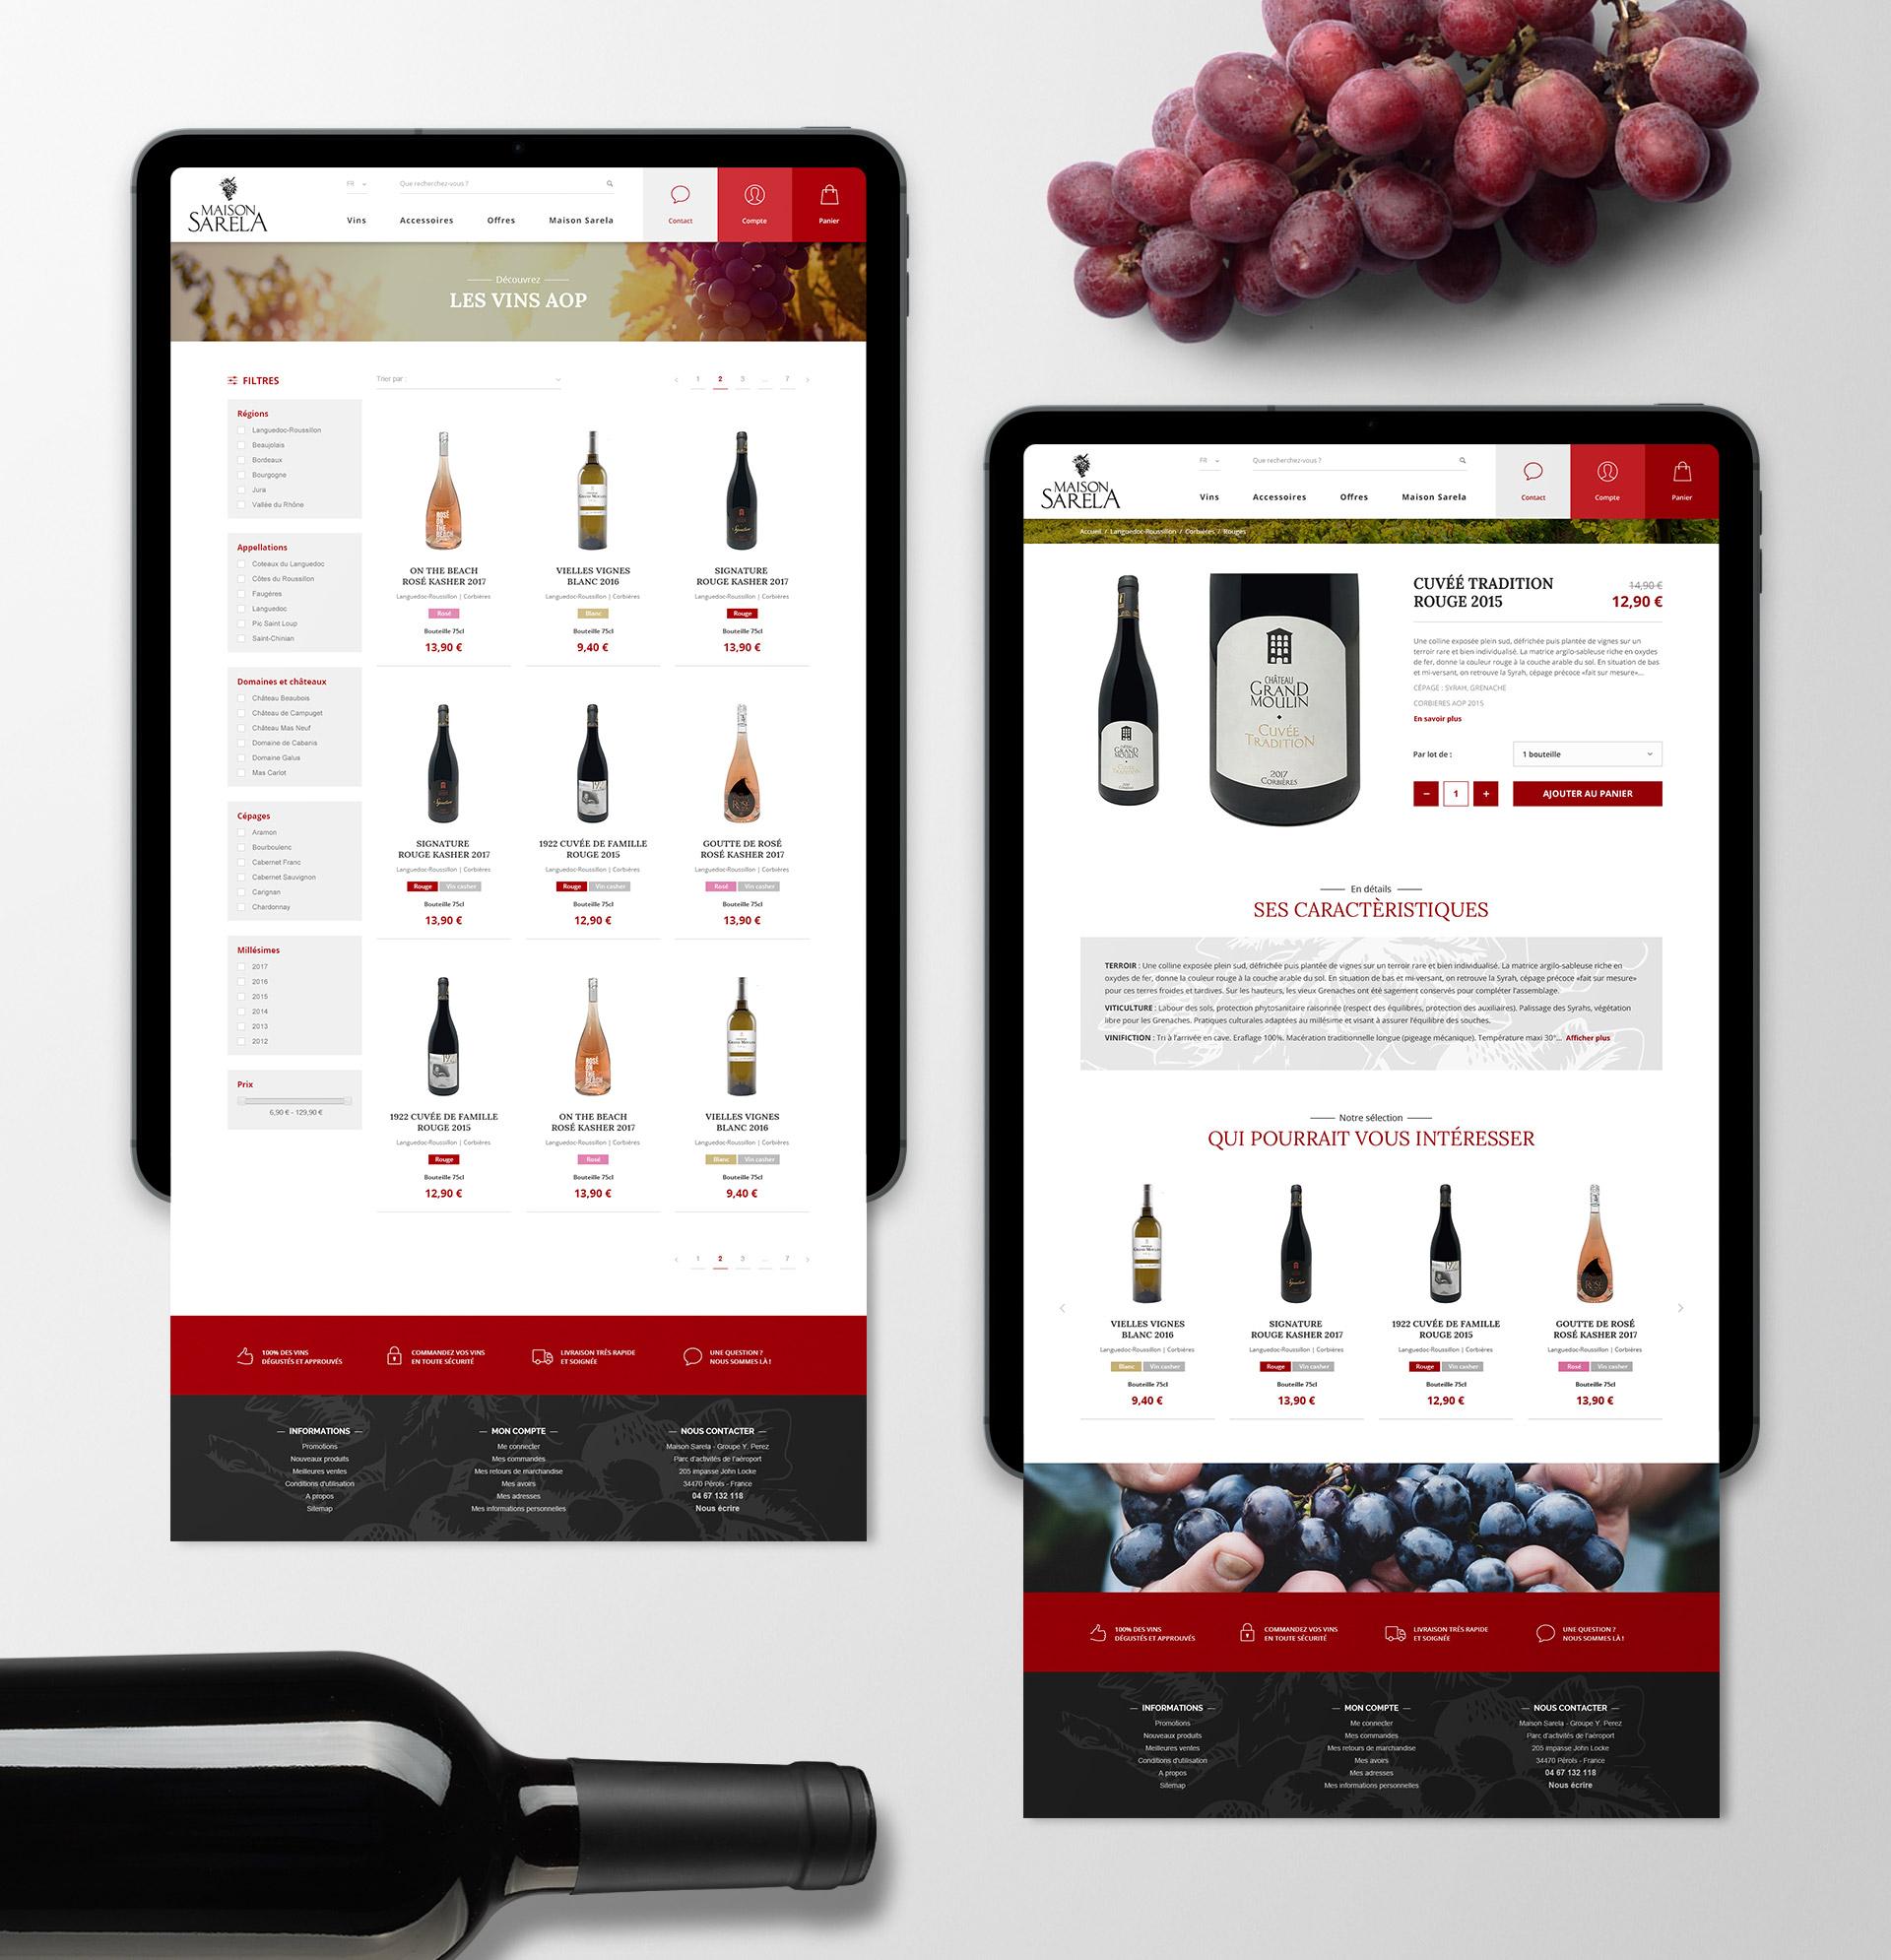 Création boutique e-commerce site responsive design vente de vins Montpellier